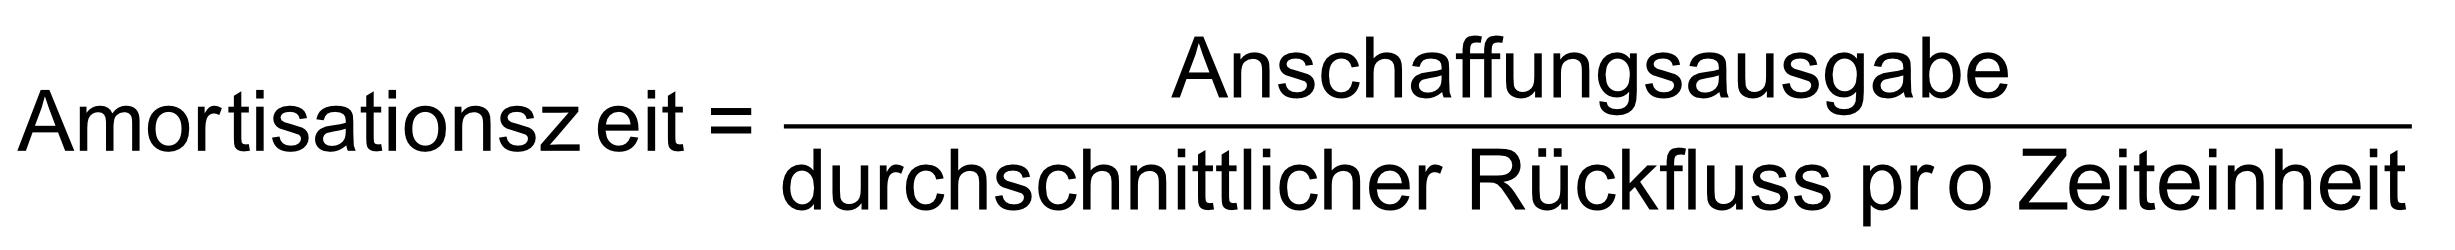 Formel zur Berechnung der Amortisationszeit